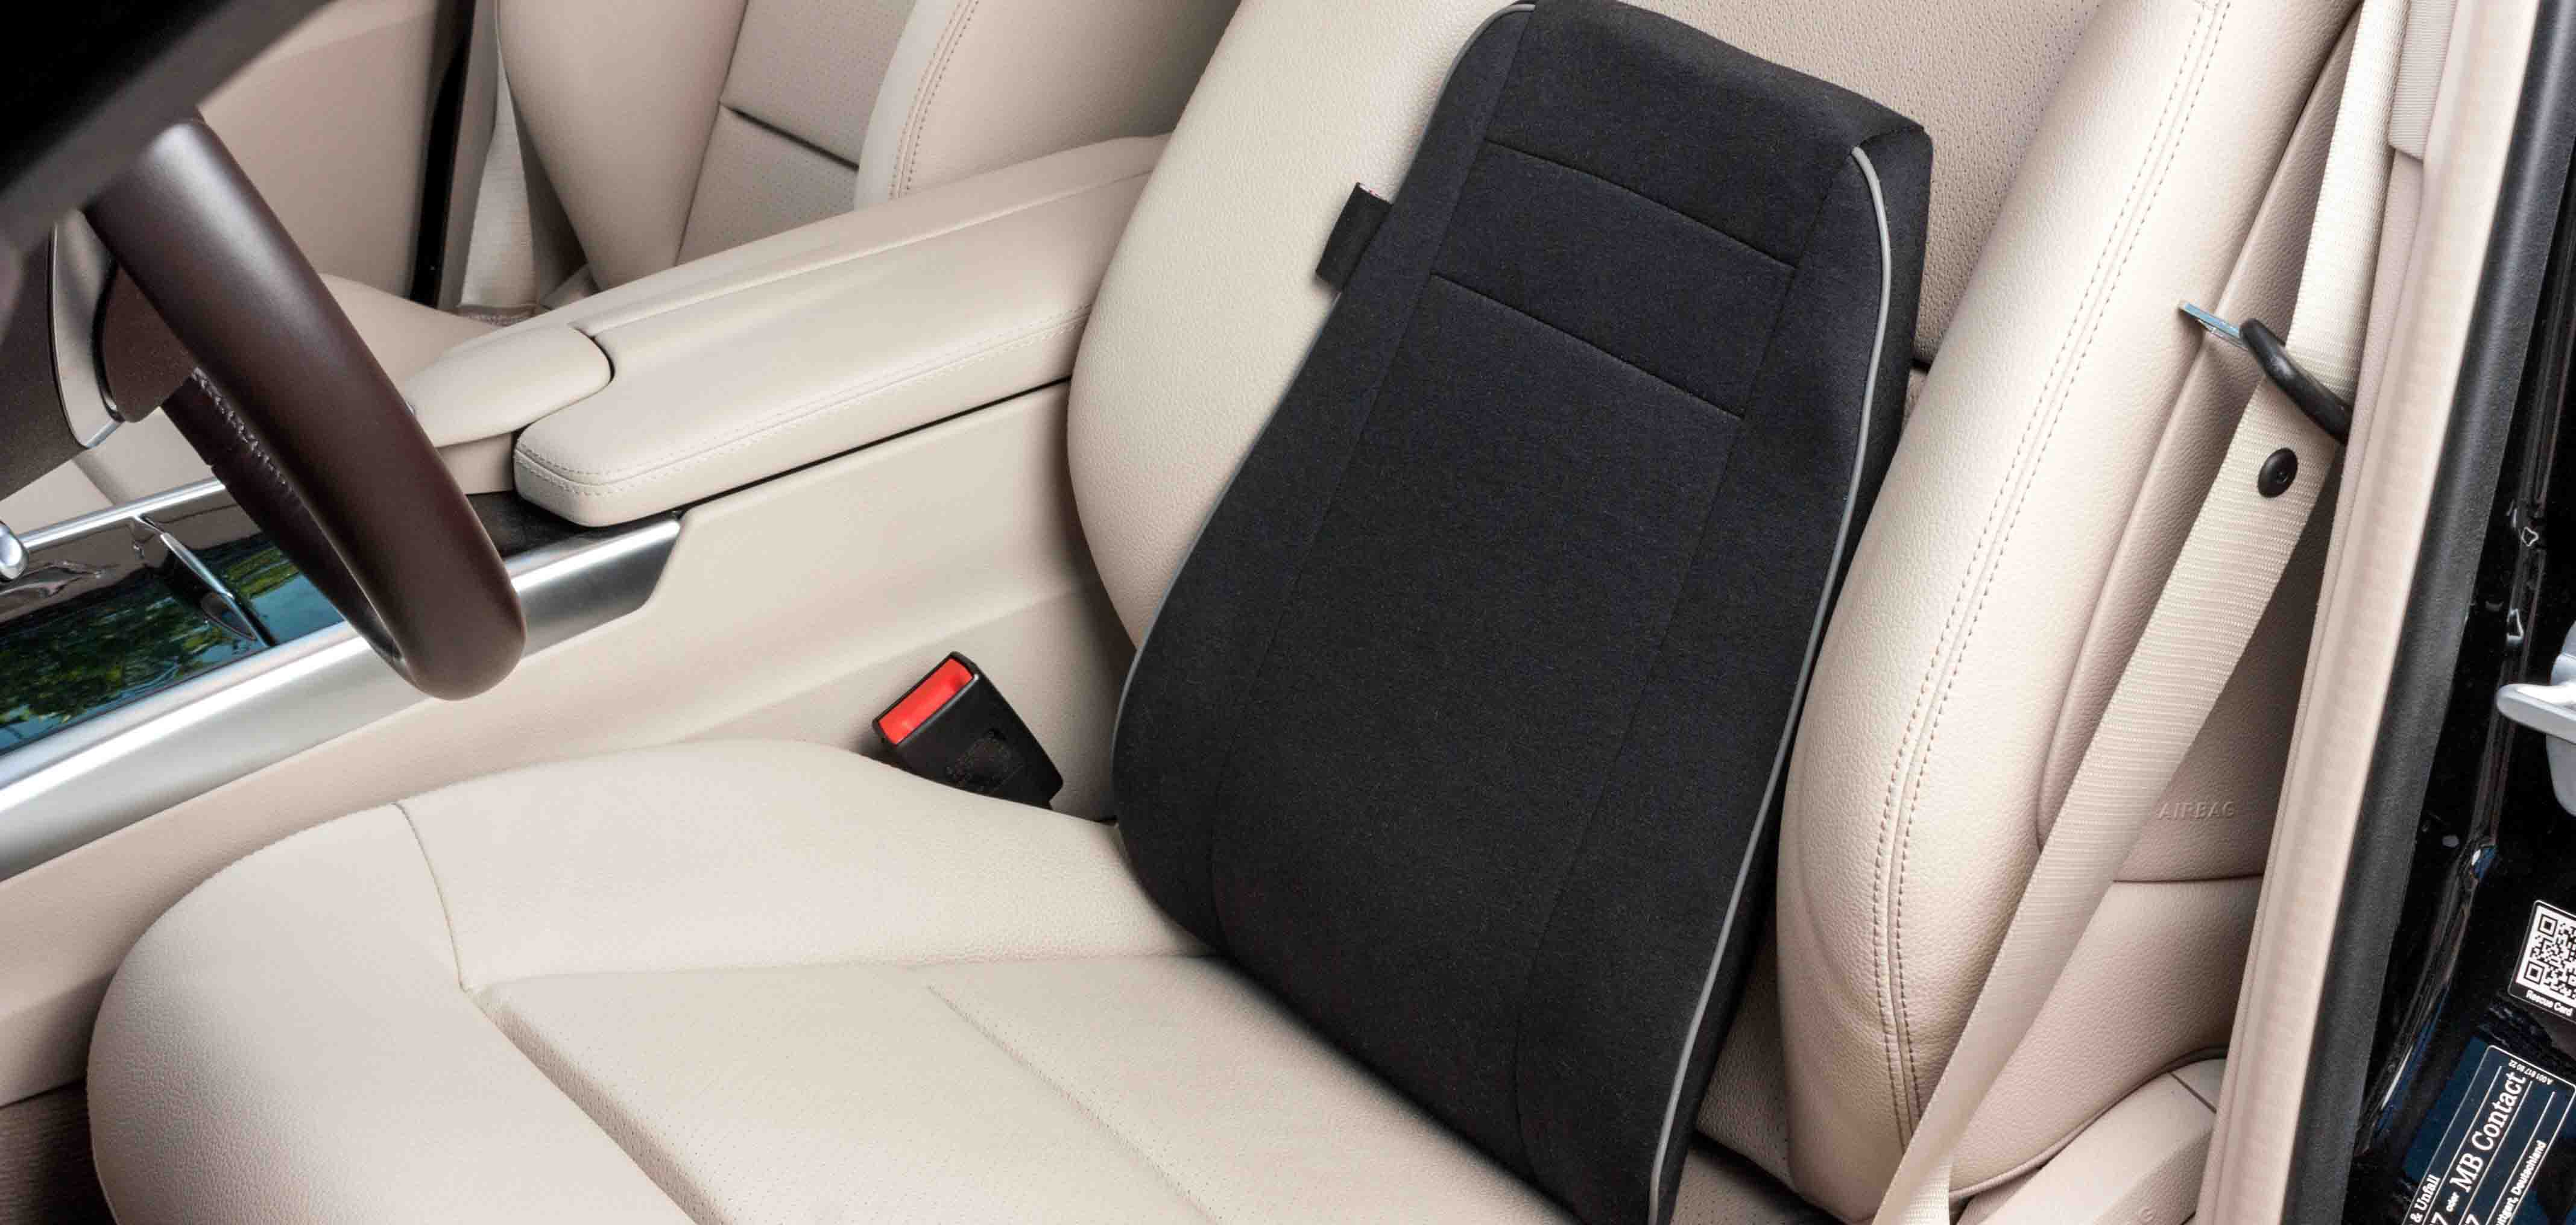 meilleur coussin siège voiture lombaire assise tête comparatif guide d'achat